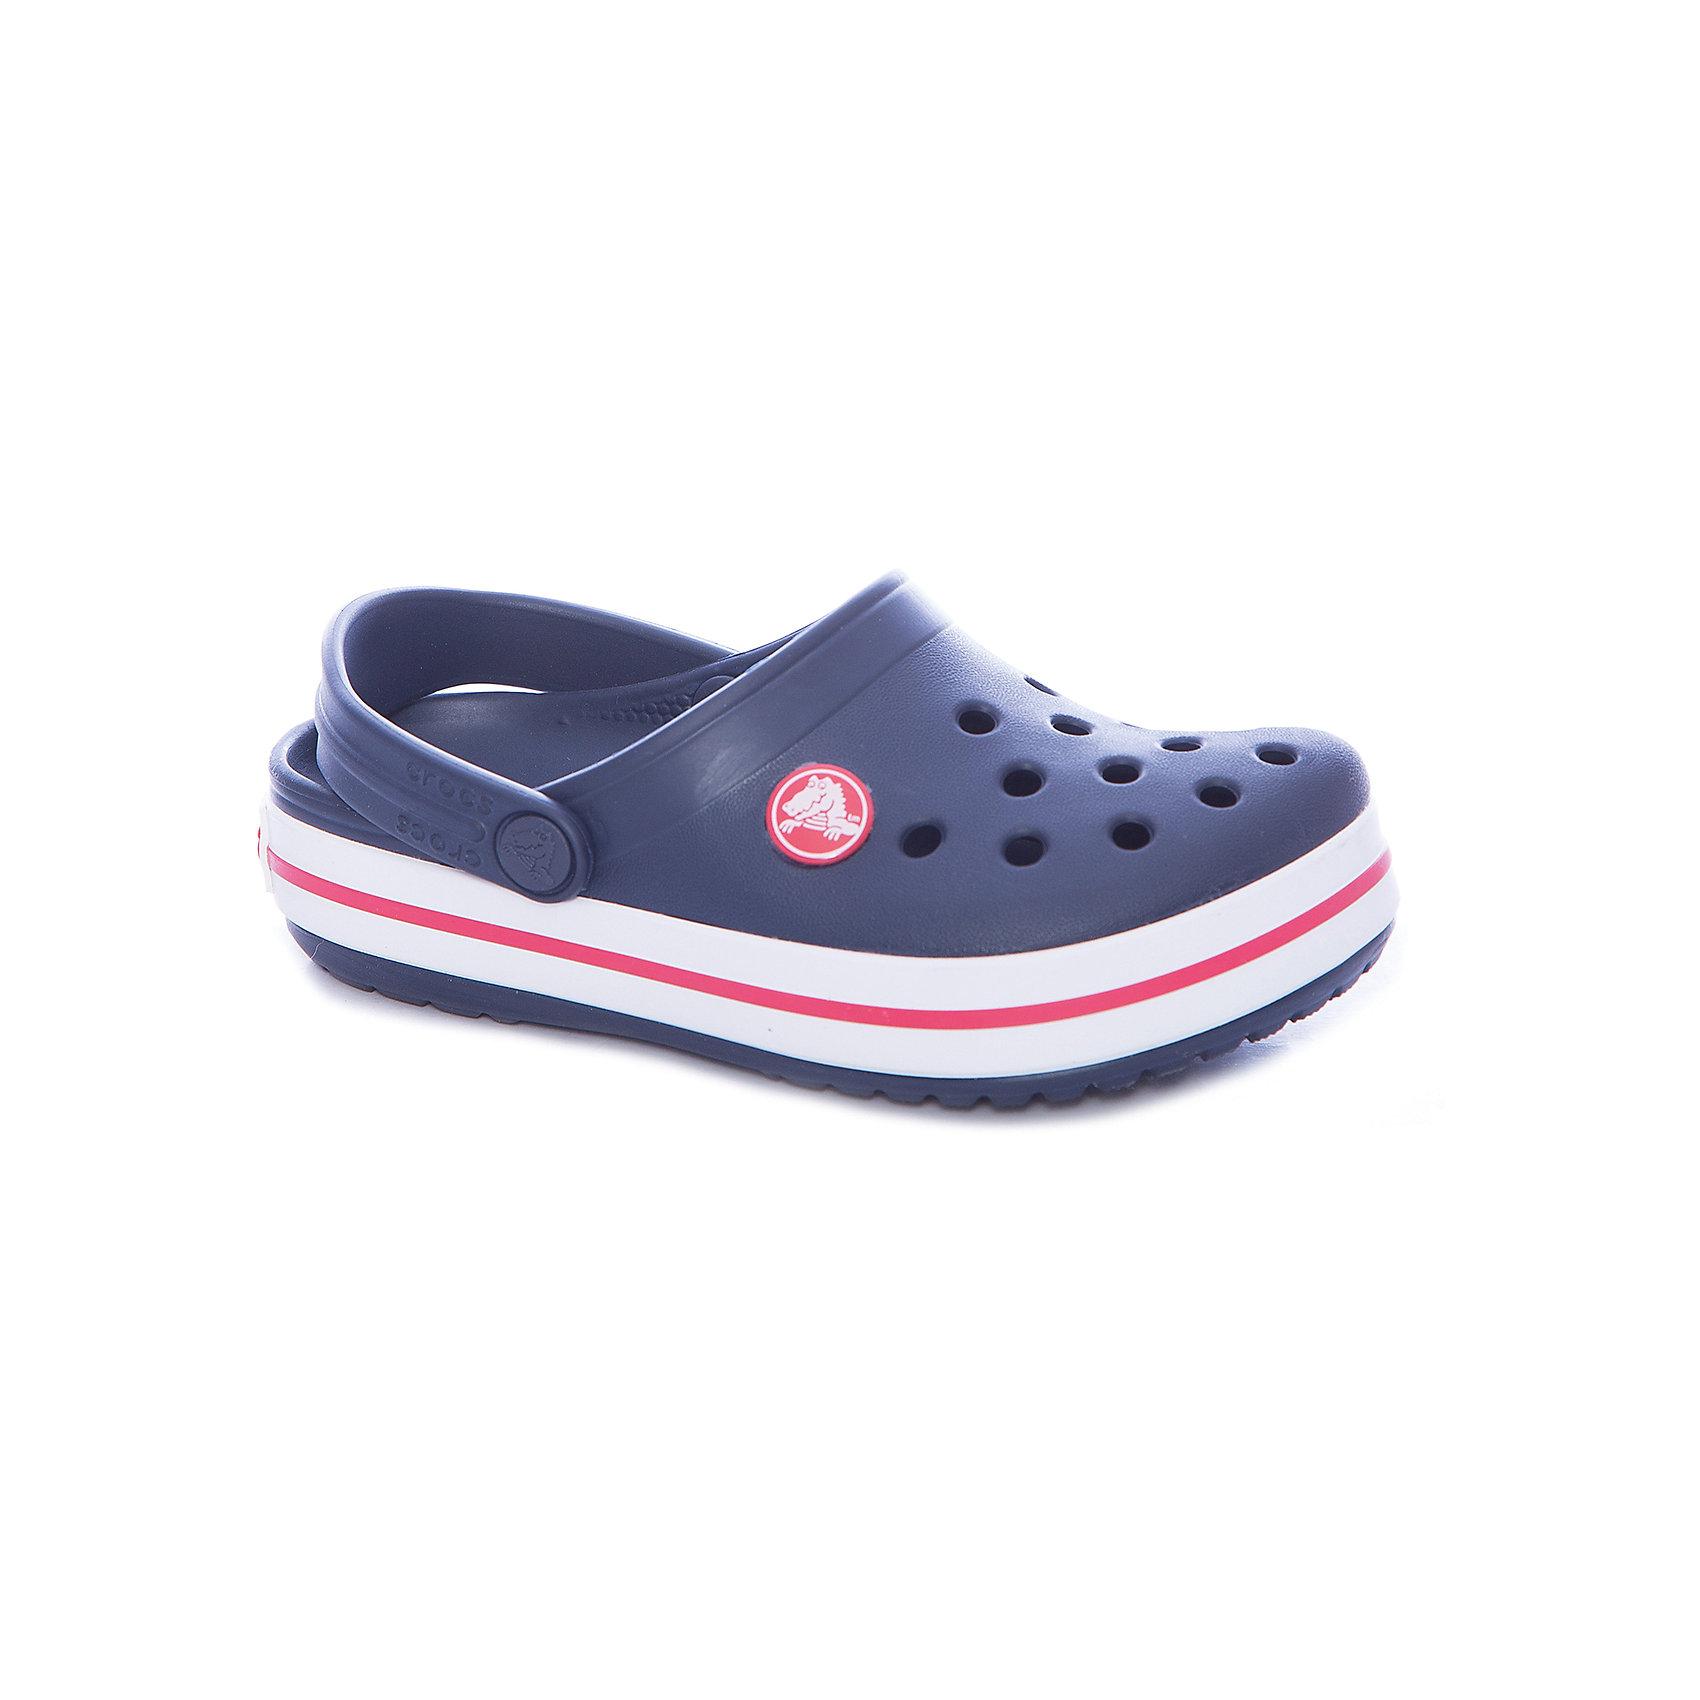 Сабо Crocband™ clog, синийПляжная обувь<br>Характеристики товара:<br><br>• цвет: синий<br>• материал: 100% полимер Croslite™<br>• литая модель<br>• вентиляционные отверстия<br>• бактериостатичный материал<br>• пяточный ремешок фиксирует стопу<br>• толстая устойчивая подошва<br>• отверстия для использования украшений<br>• анатомическая стелька с массажными точками стимулирует кровообращение<br>• страна бренда: США<br>• страна изготовитель: Китай<br><br>Для правильного развития ребенка крайне важно, чтобы обувь была удобной. <br><br>Такие сабо обеспечивают детям необходимый комфорт, а анатомическая стелька с массажными линиями для стимуляции кровообращения позволяет ножкам дольше не уставать. <br><br>Сабо легко надеваются и снимаются, отлично сидят на ноге. <br><br>Материал, из которого они сделаны, не дает размножаться бактериям, поэтому такая обувь препятствует образованию неприятного запаха и появлению болезней стоп.<br><br>Обувь от американского бренда Crocs в данный момент завоевала широкую популярность во всем мире, и это не удивительно - ведь она невероятно удобна. <br><br>Её носят врачи, спортсмены, звёзды шоу-бизнеса, люди, которым много времени приходится бывать на ногах - они понимают, как важна комфортная обувь. <br><br>Продукция Crocs - это качественные товары, созданные с применением новейших технологий. <br><br>Обувь отличается стильным дизайном и продуманной конструкцией. <br><br>Изделие производится из качественных и проверенных материалов, которые безопасны для детей.<br><br>Сабо Crocband™ clog от торговой марки Crocs можно купить в нашем интернет-магазине.<br><br>Ширина мм: 225<br>Глубина мм: 139<br>Высота мм: 112<br>Вес г: 290<br>Цвет: синий<br>Возраст от месяцев: 60<br>Возраст до месяцев: 72<br>Пол: Унисекс<br>Возраст: Детский<br>Размер: 29,34/35,30,21,22,23,24,25,26,27,28,31/32,33/34<br>SKU: 5416468